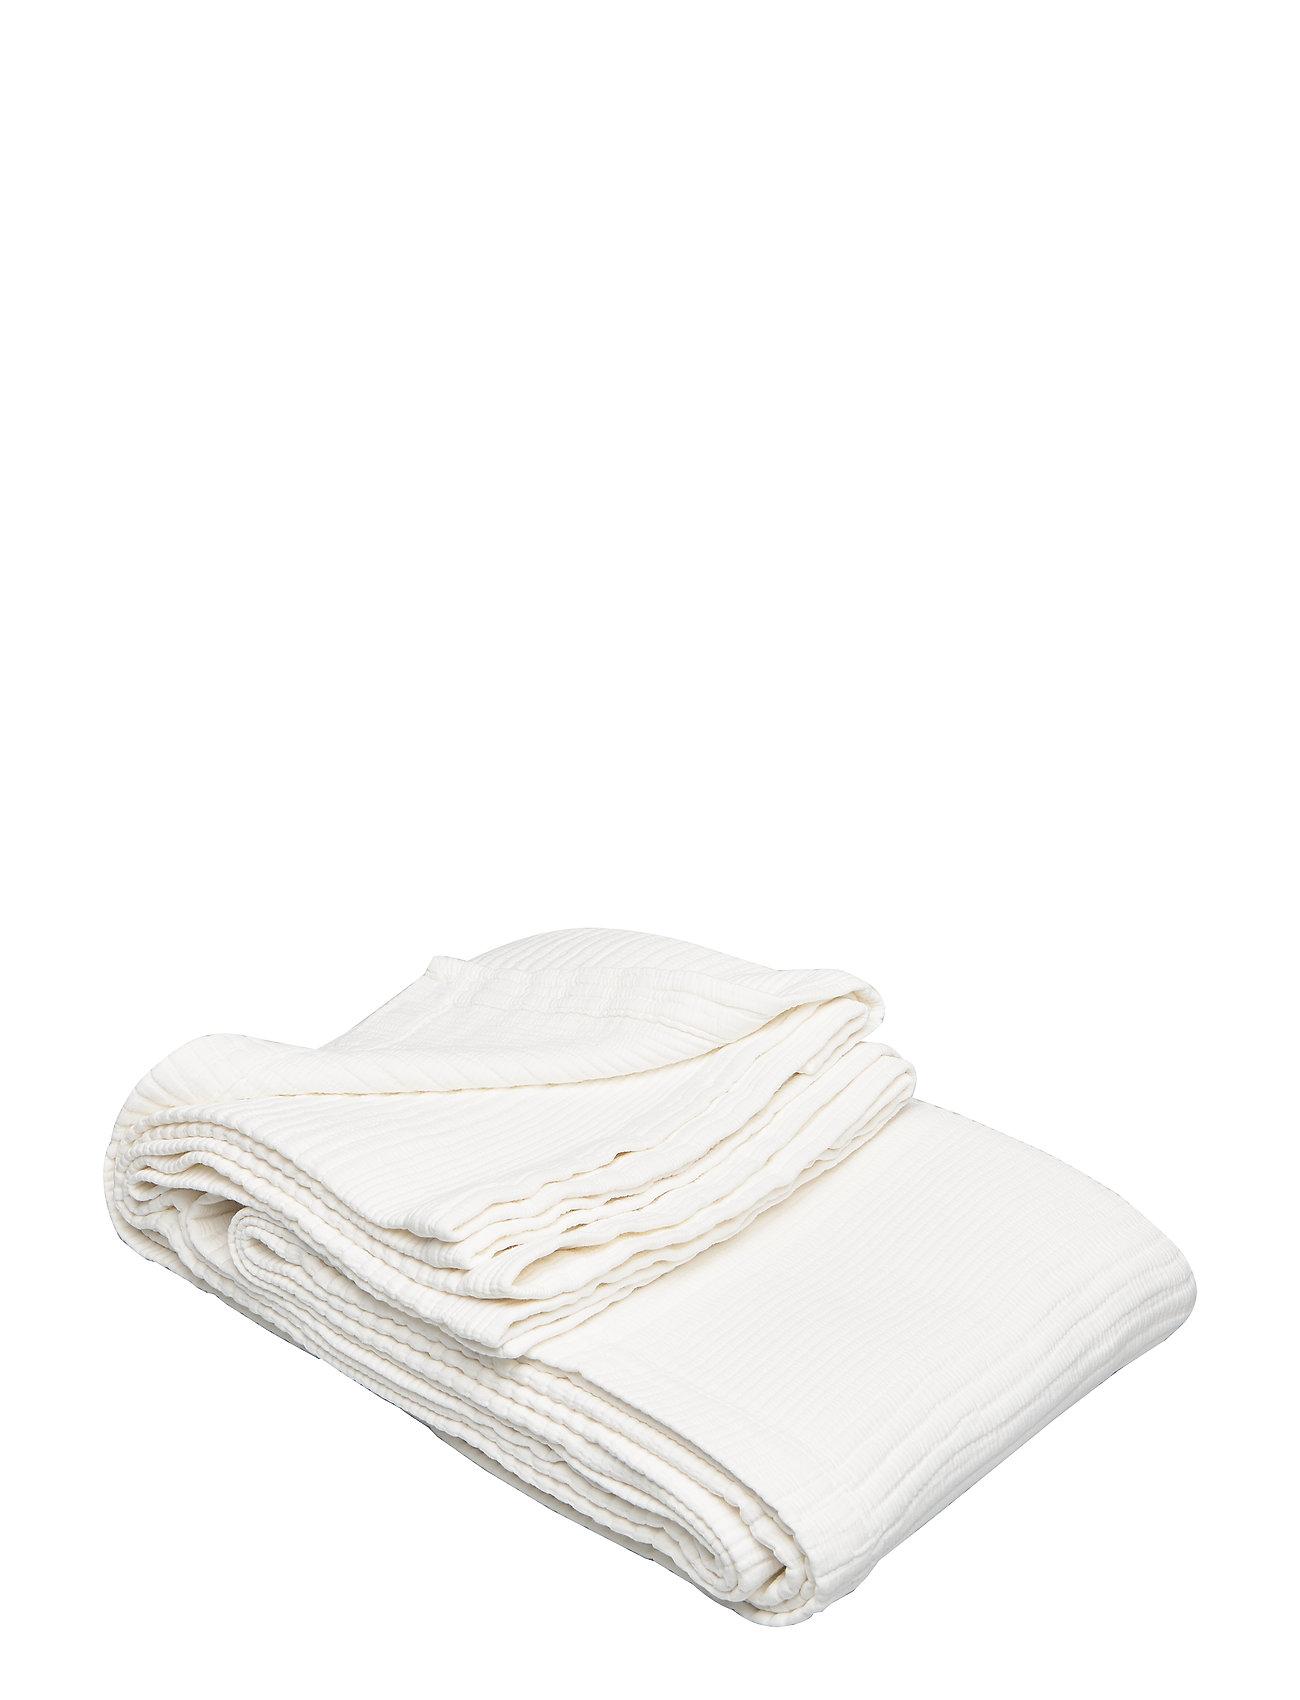 Lexington Home Quilt Cotton Bedspread - WHITE